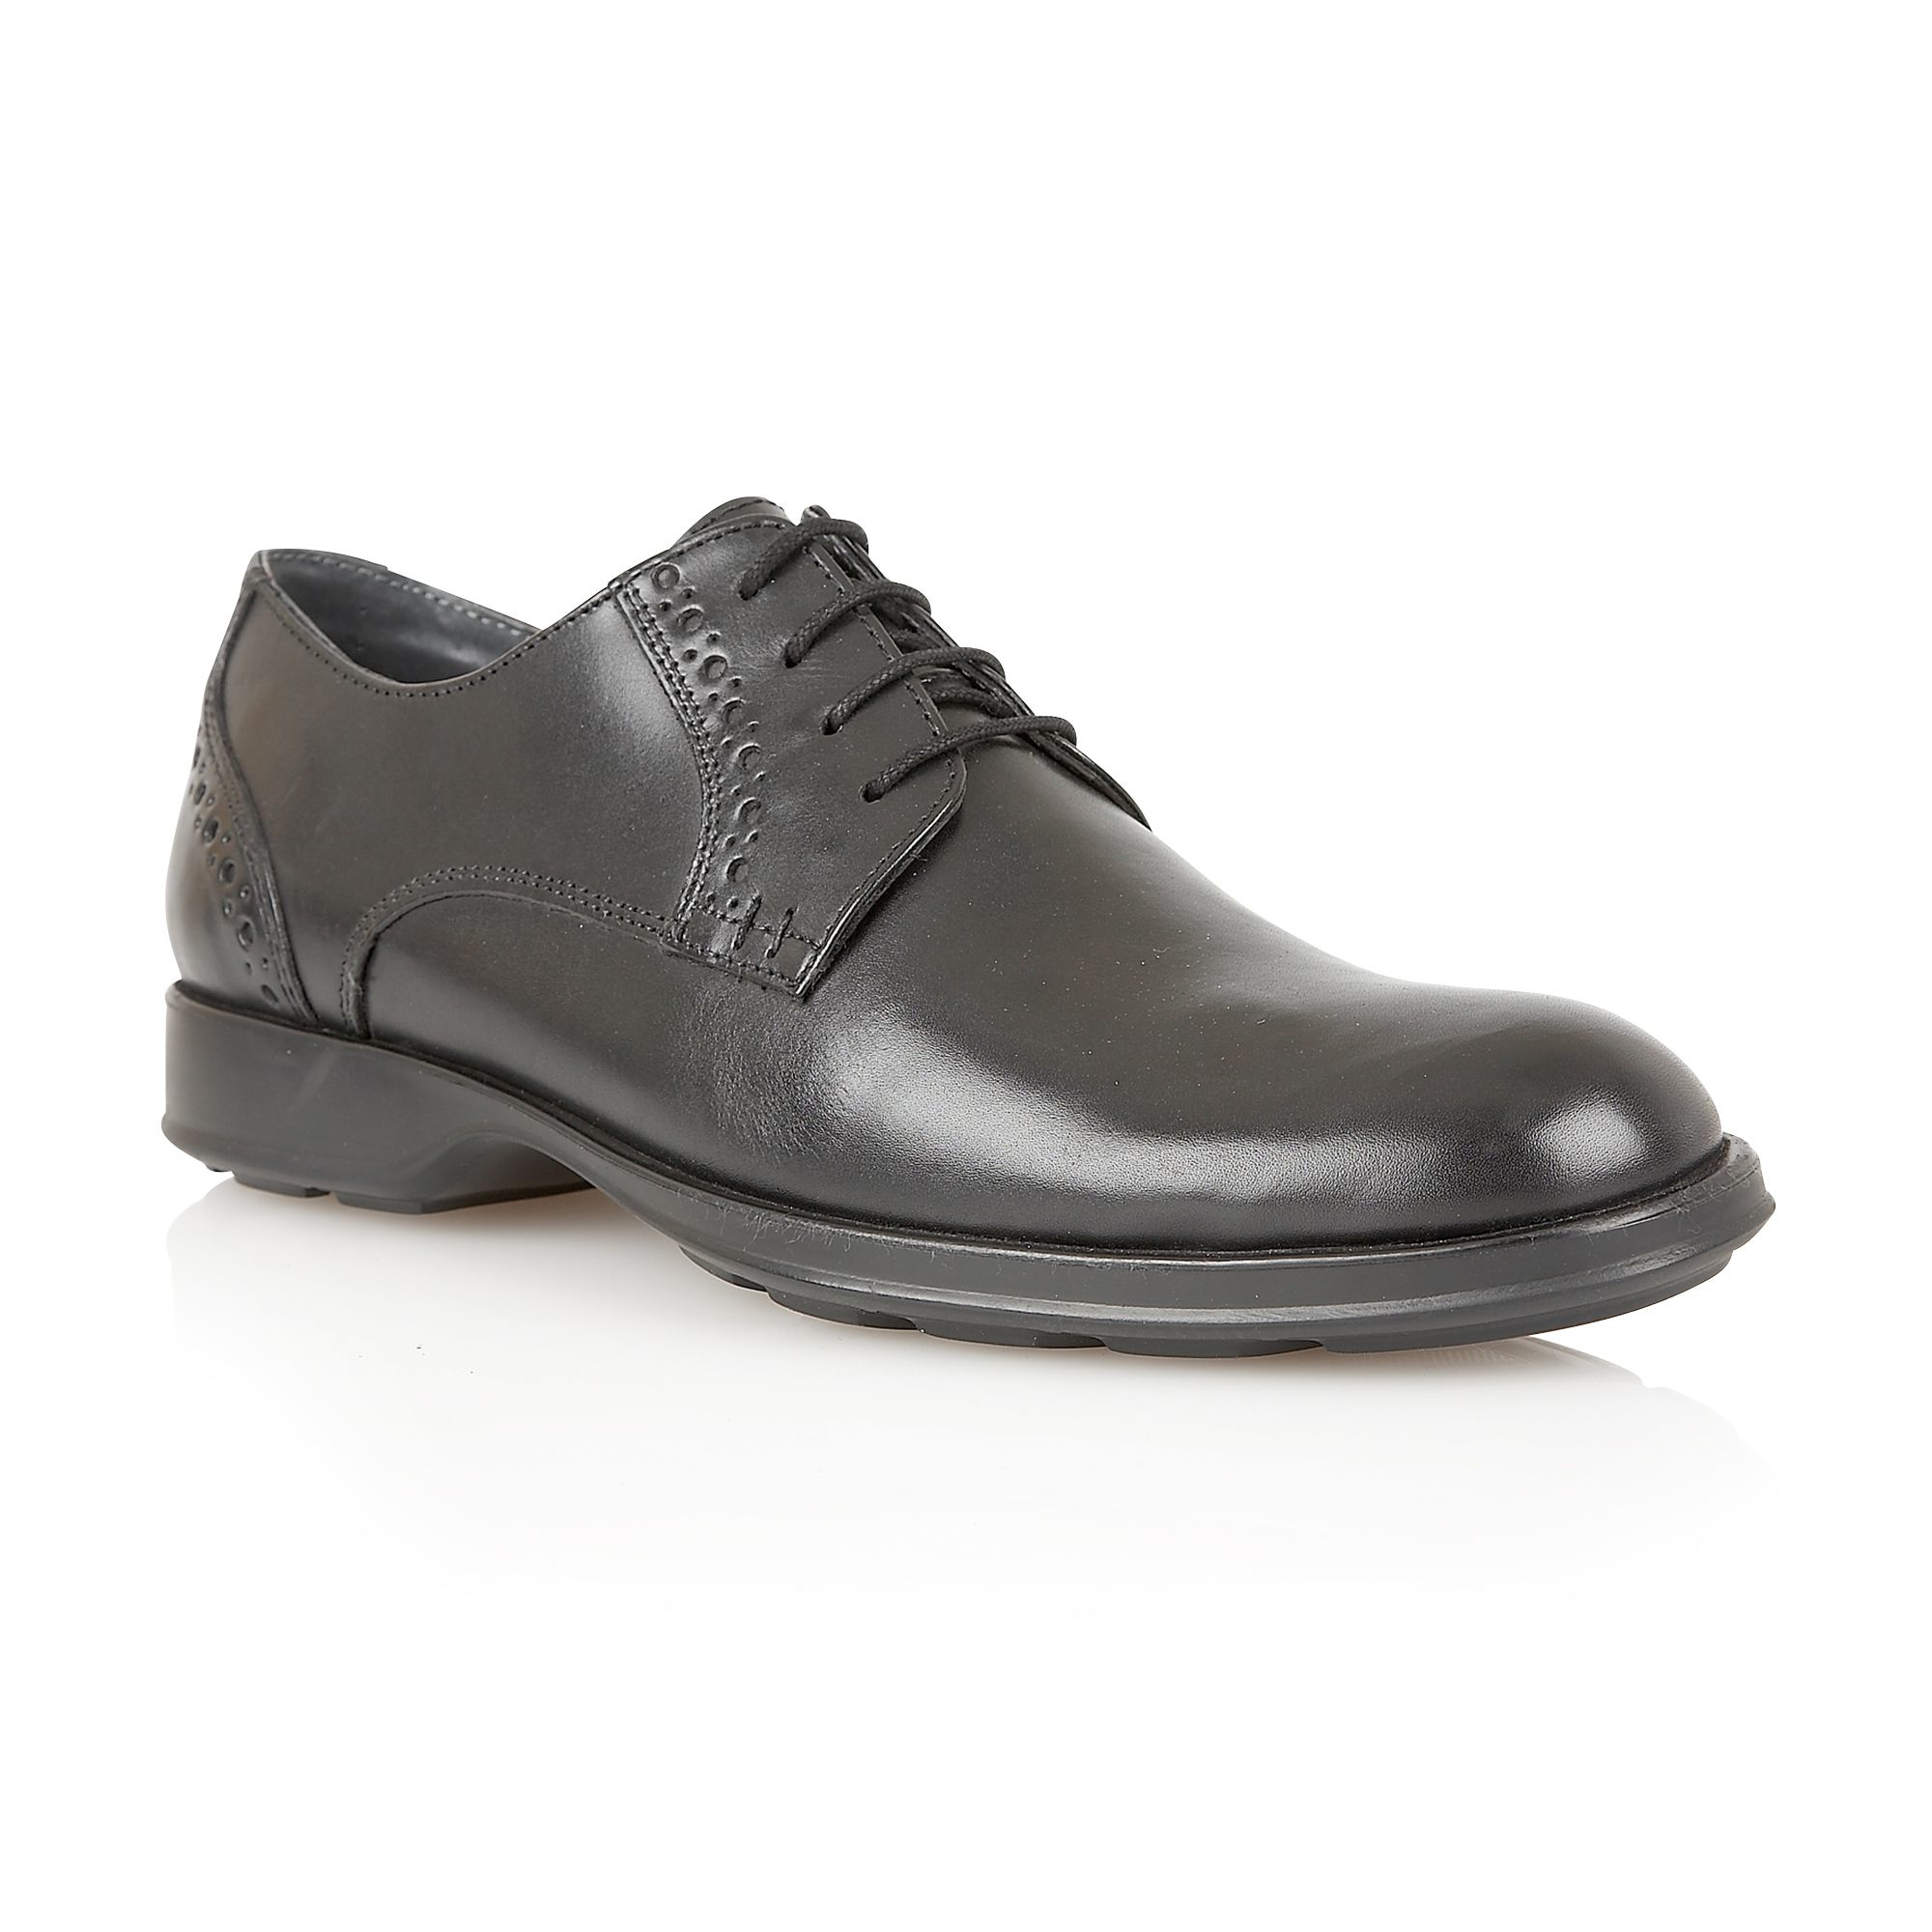 Mens Rockport Shoes Matt Black